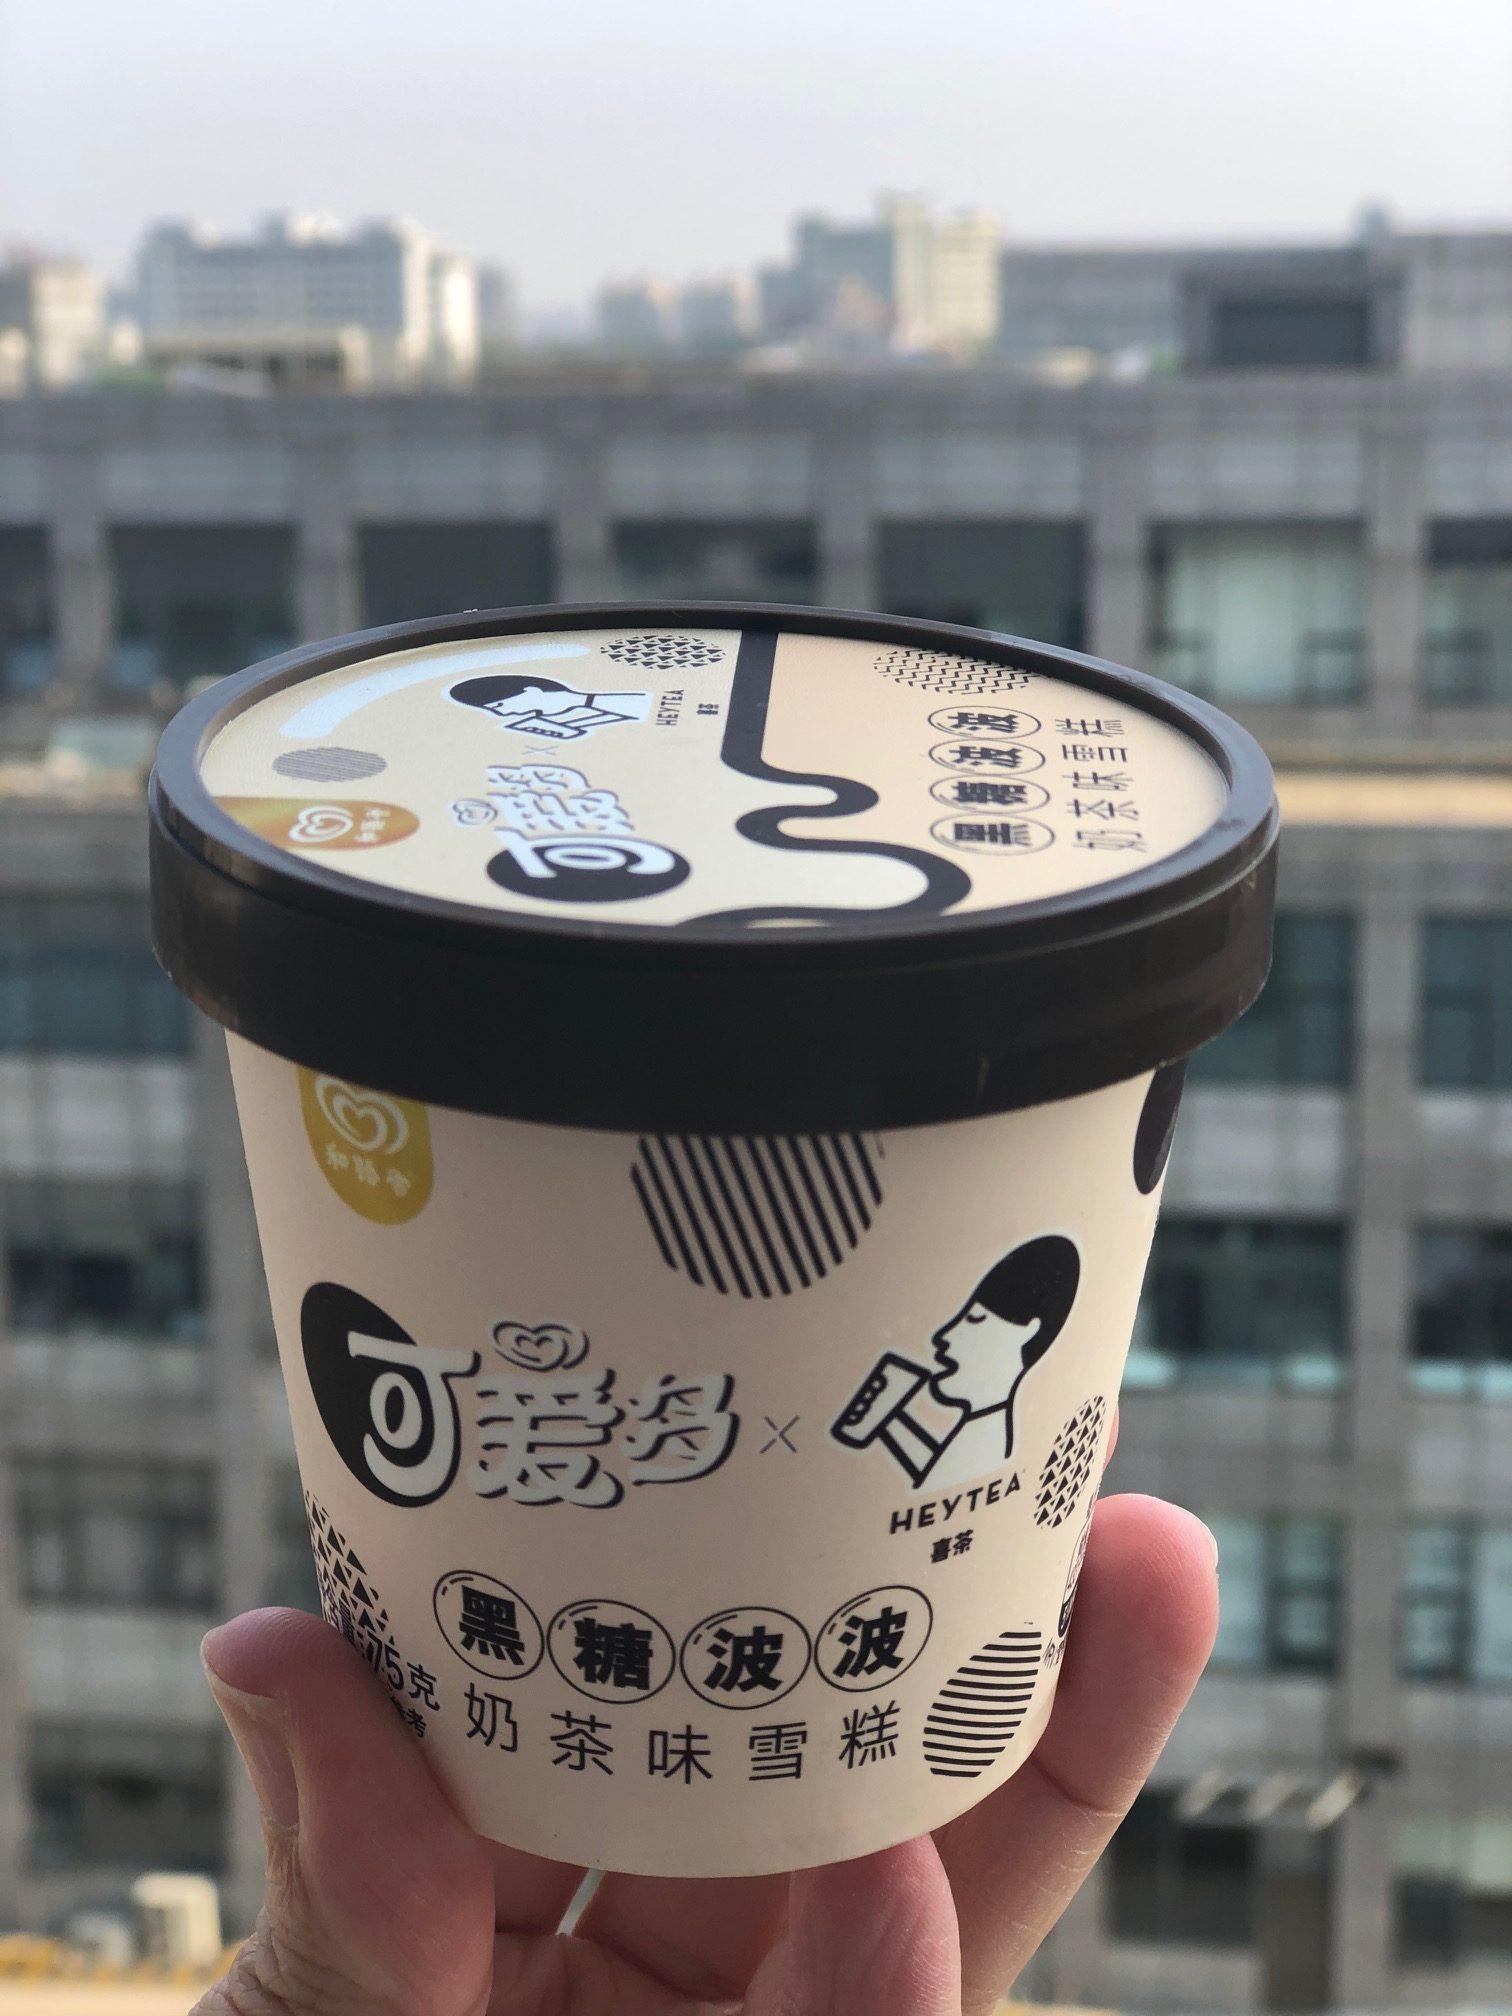 上海•新発売のカップアイス「黒糖タピオカミルクティー風味」